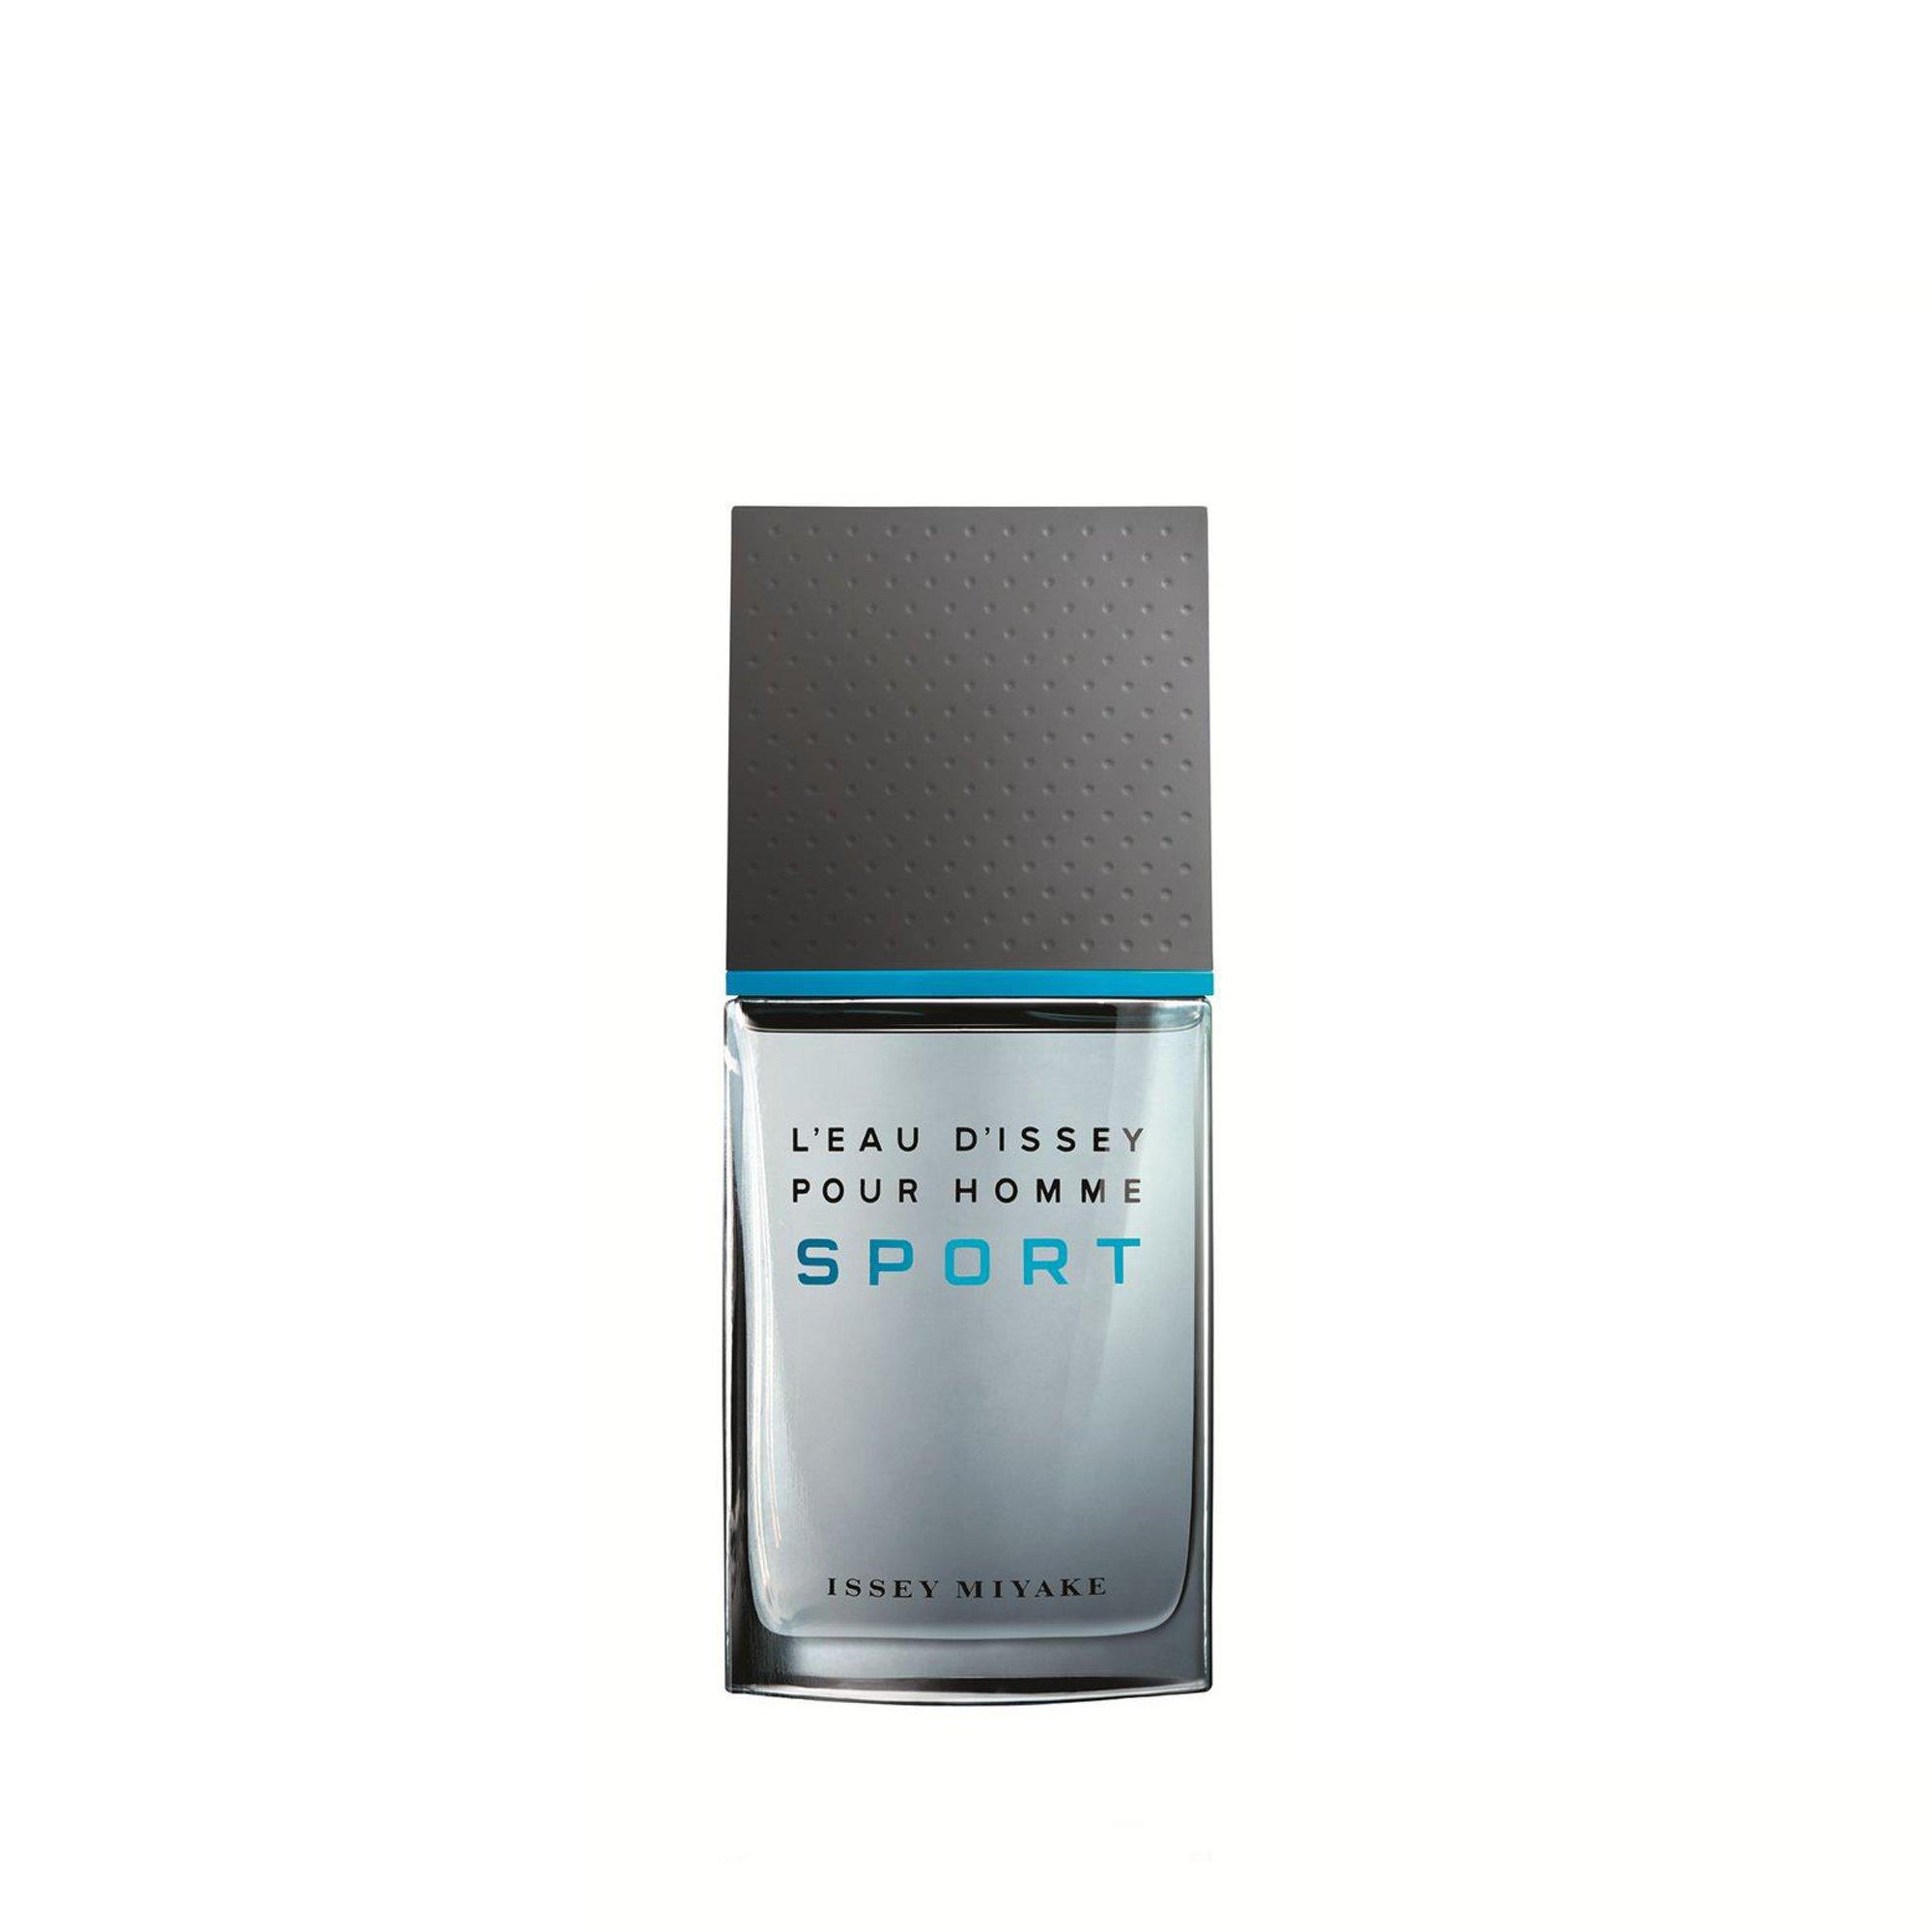 Issey Miyake L'eau D'issey Pour Homme Sport Eau de Toilette Spray for Men, 1.6 Ounce